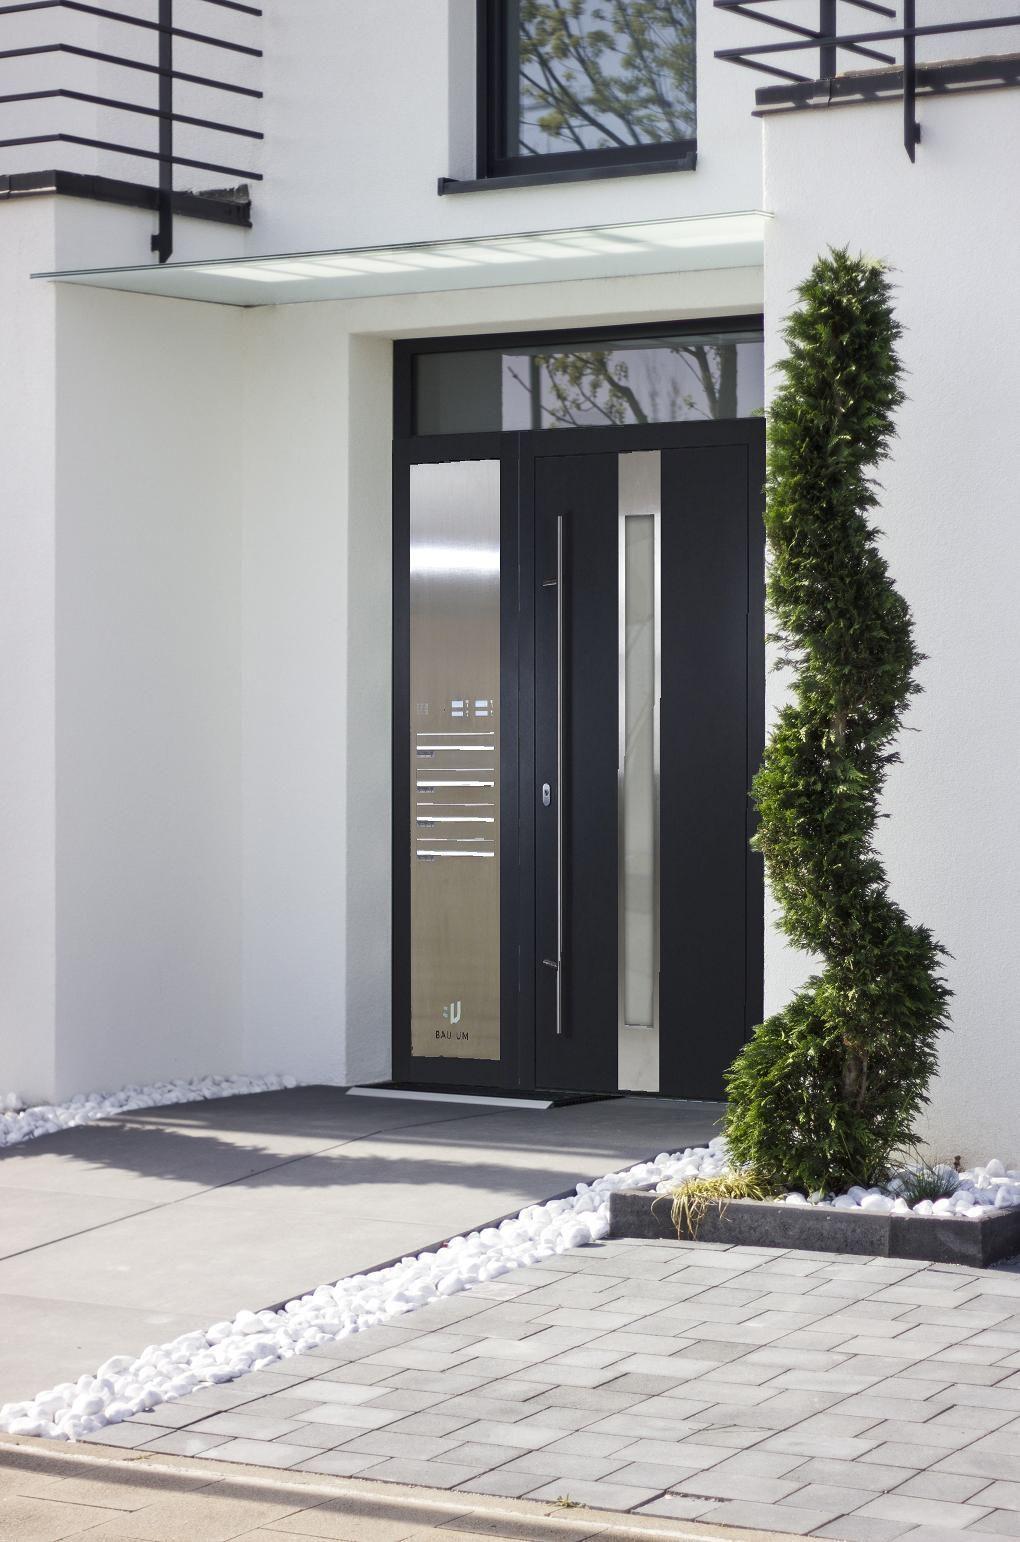 Haustür Eingangstür Briefkasten Aluminium Haustüren 0,8-1,1 U-Wert Türe